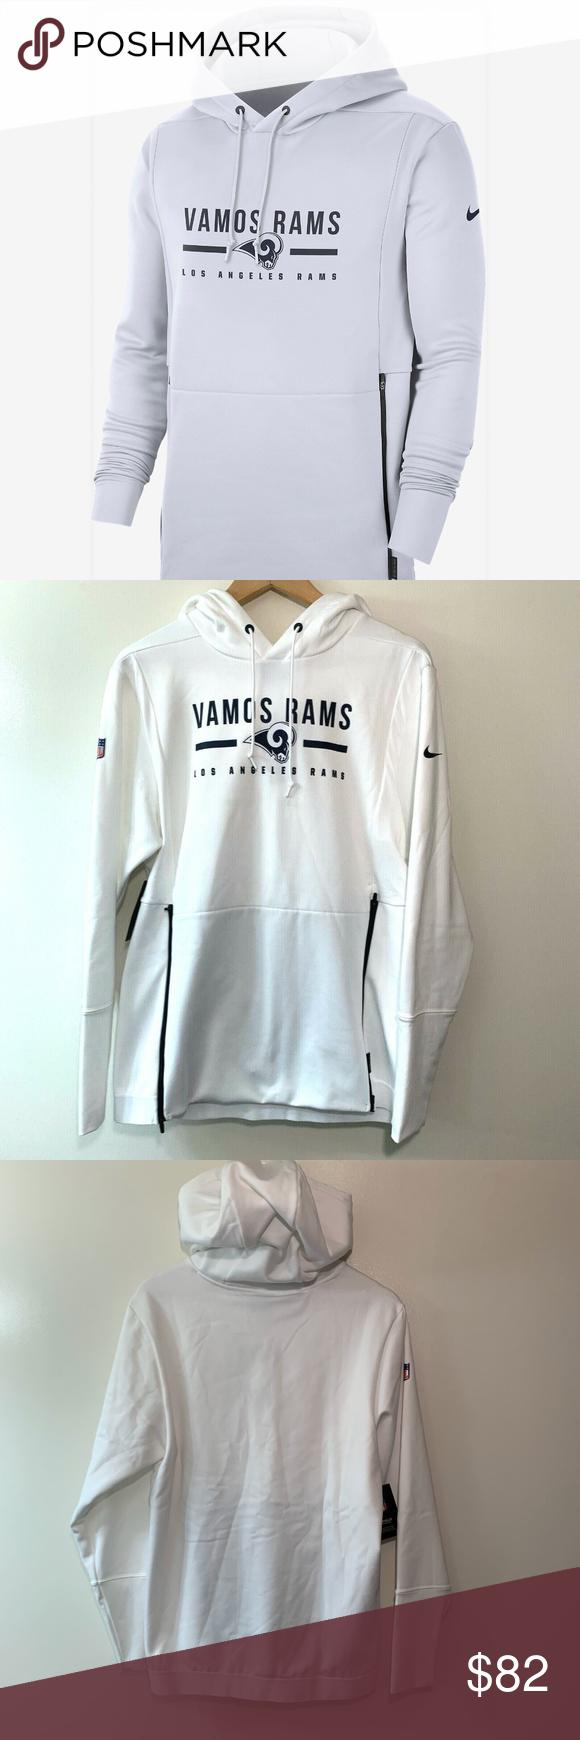 Nike Los Angeles Rams Vamos Rams Hoodie Sweatshirt In 2021 Sweatshirts Hoodie Sweatshirts Grey Nike Hoodie [ 1740 x 580 Pixel ]